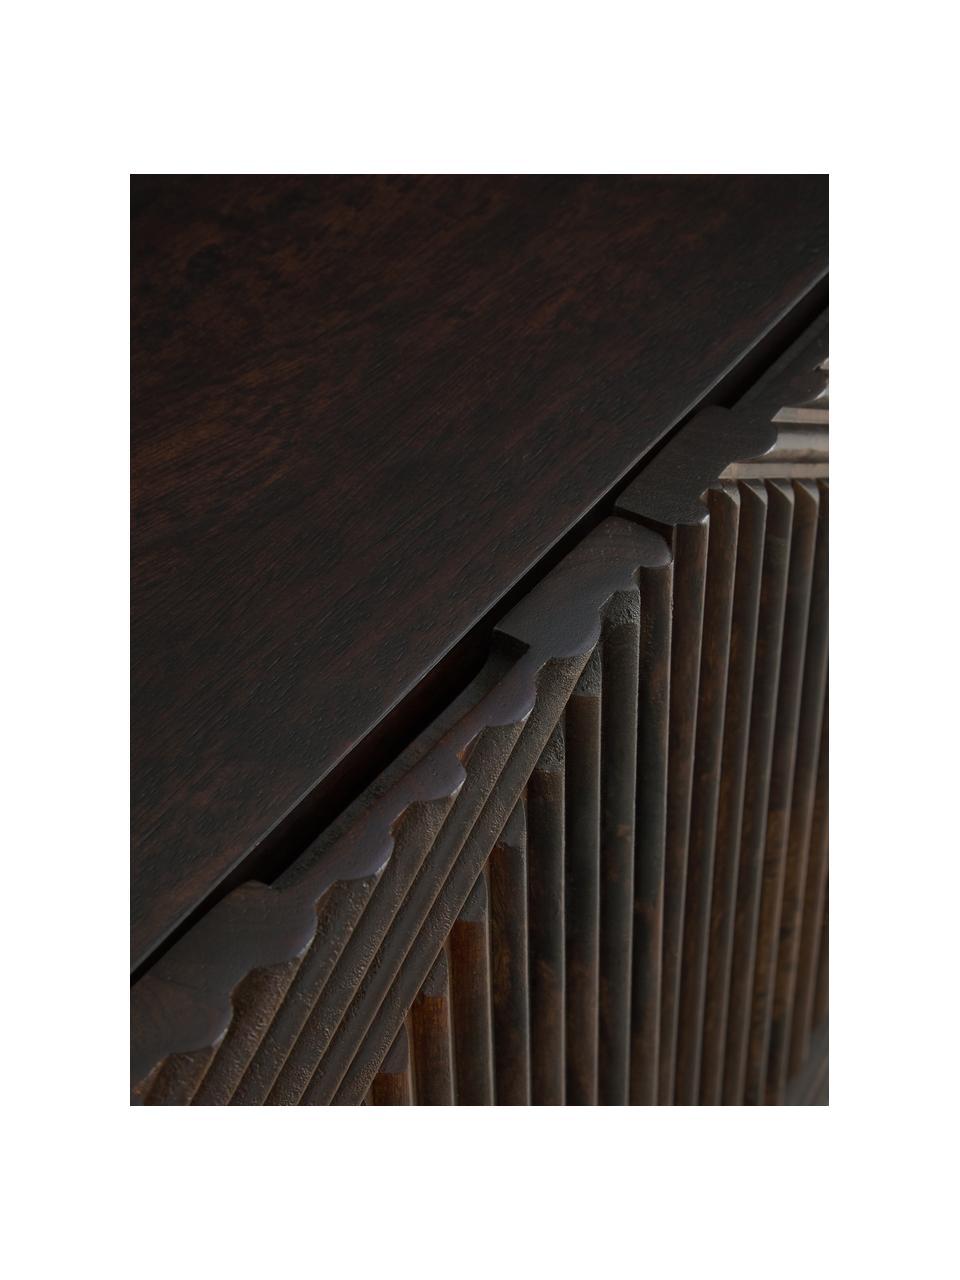 Szafka niska z litego drewna mangowego z drzwiczkami Louis, Drewno mangowe, S 180 x W 55 cm